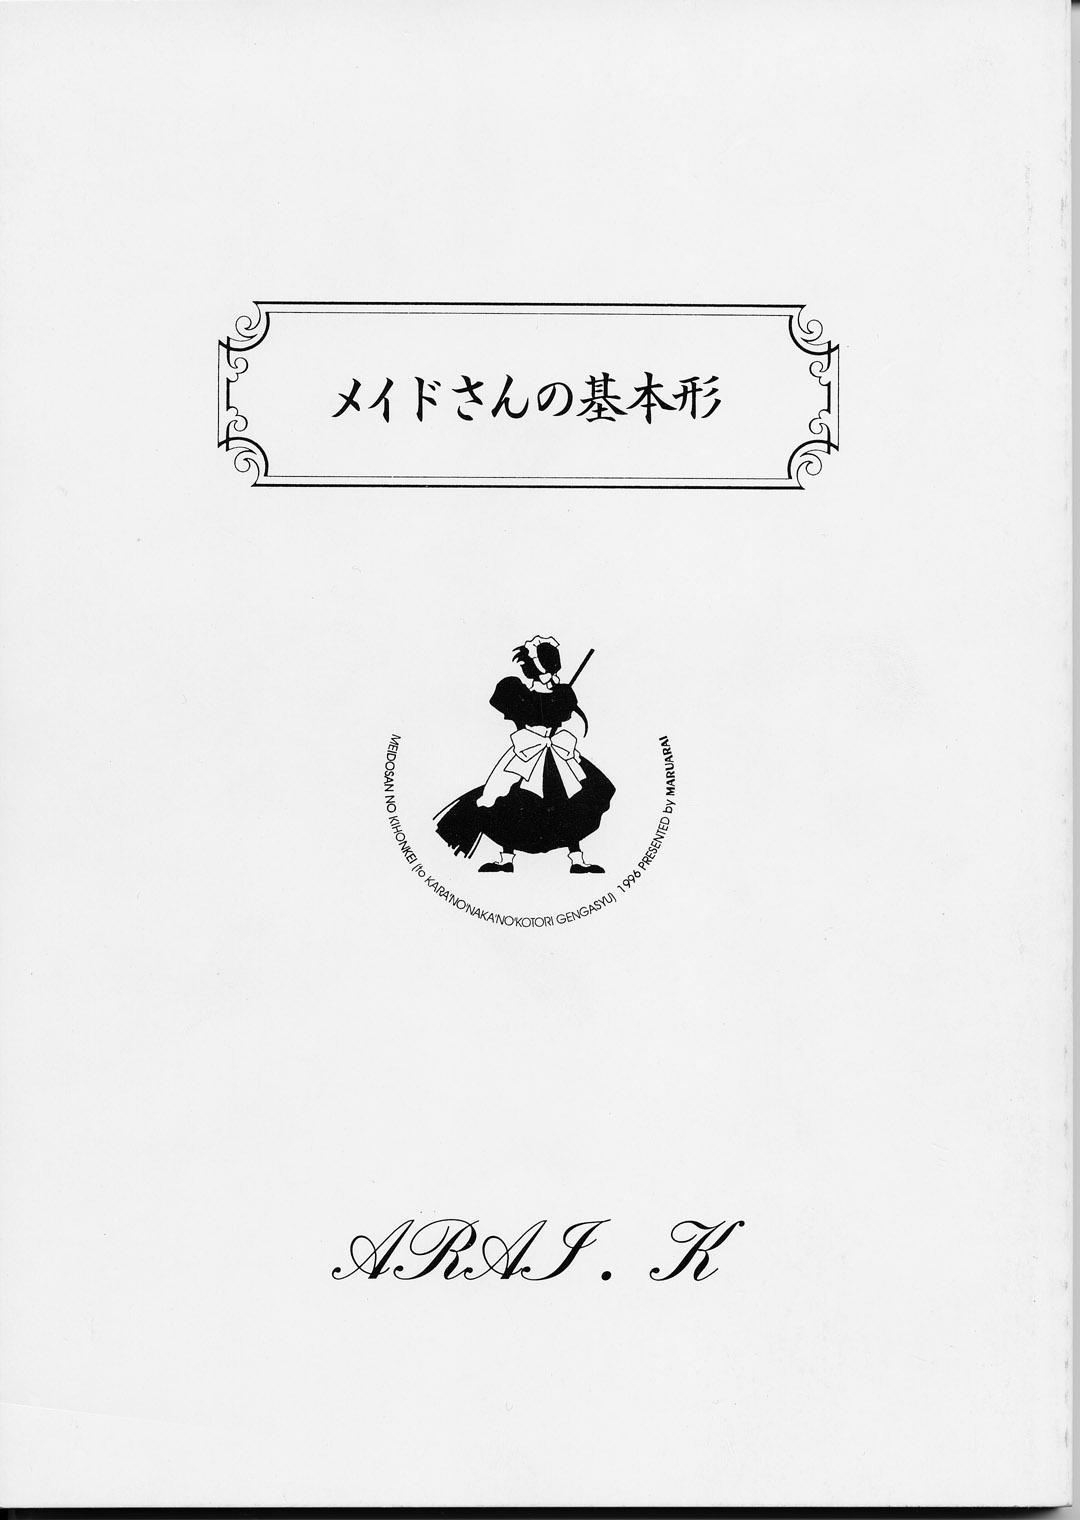 Maid-san kihonkei 0